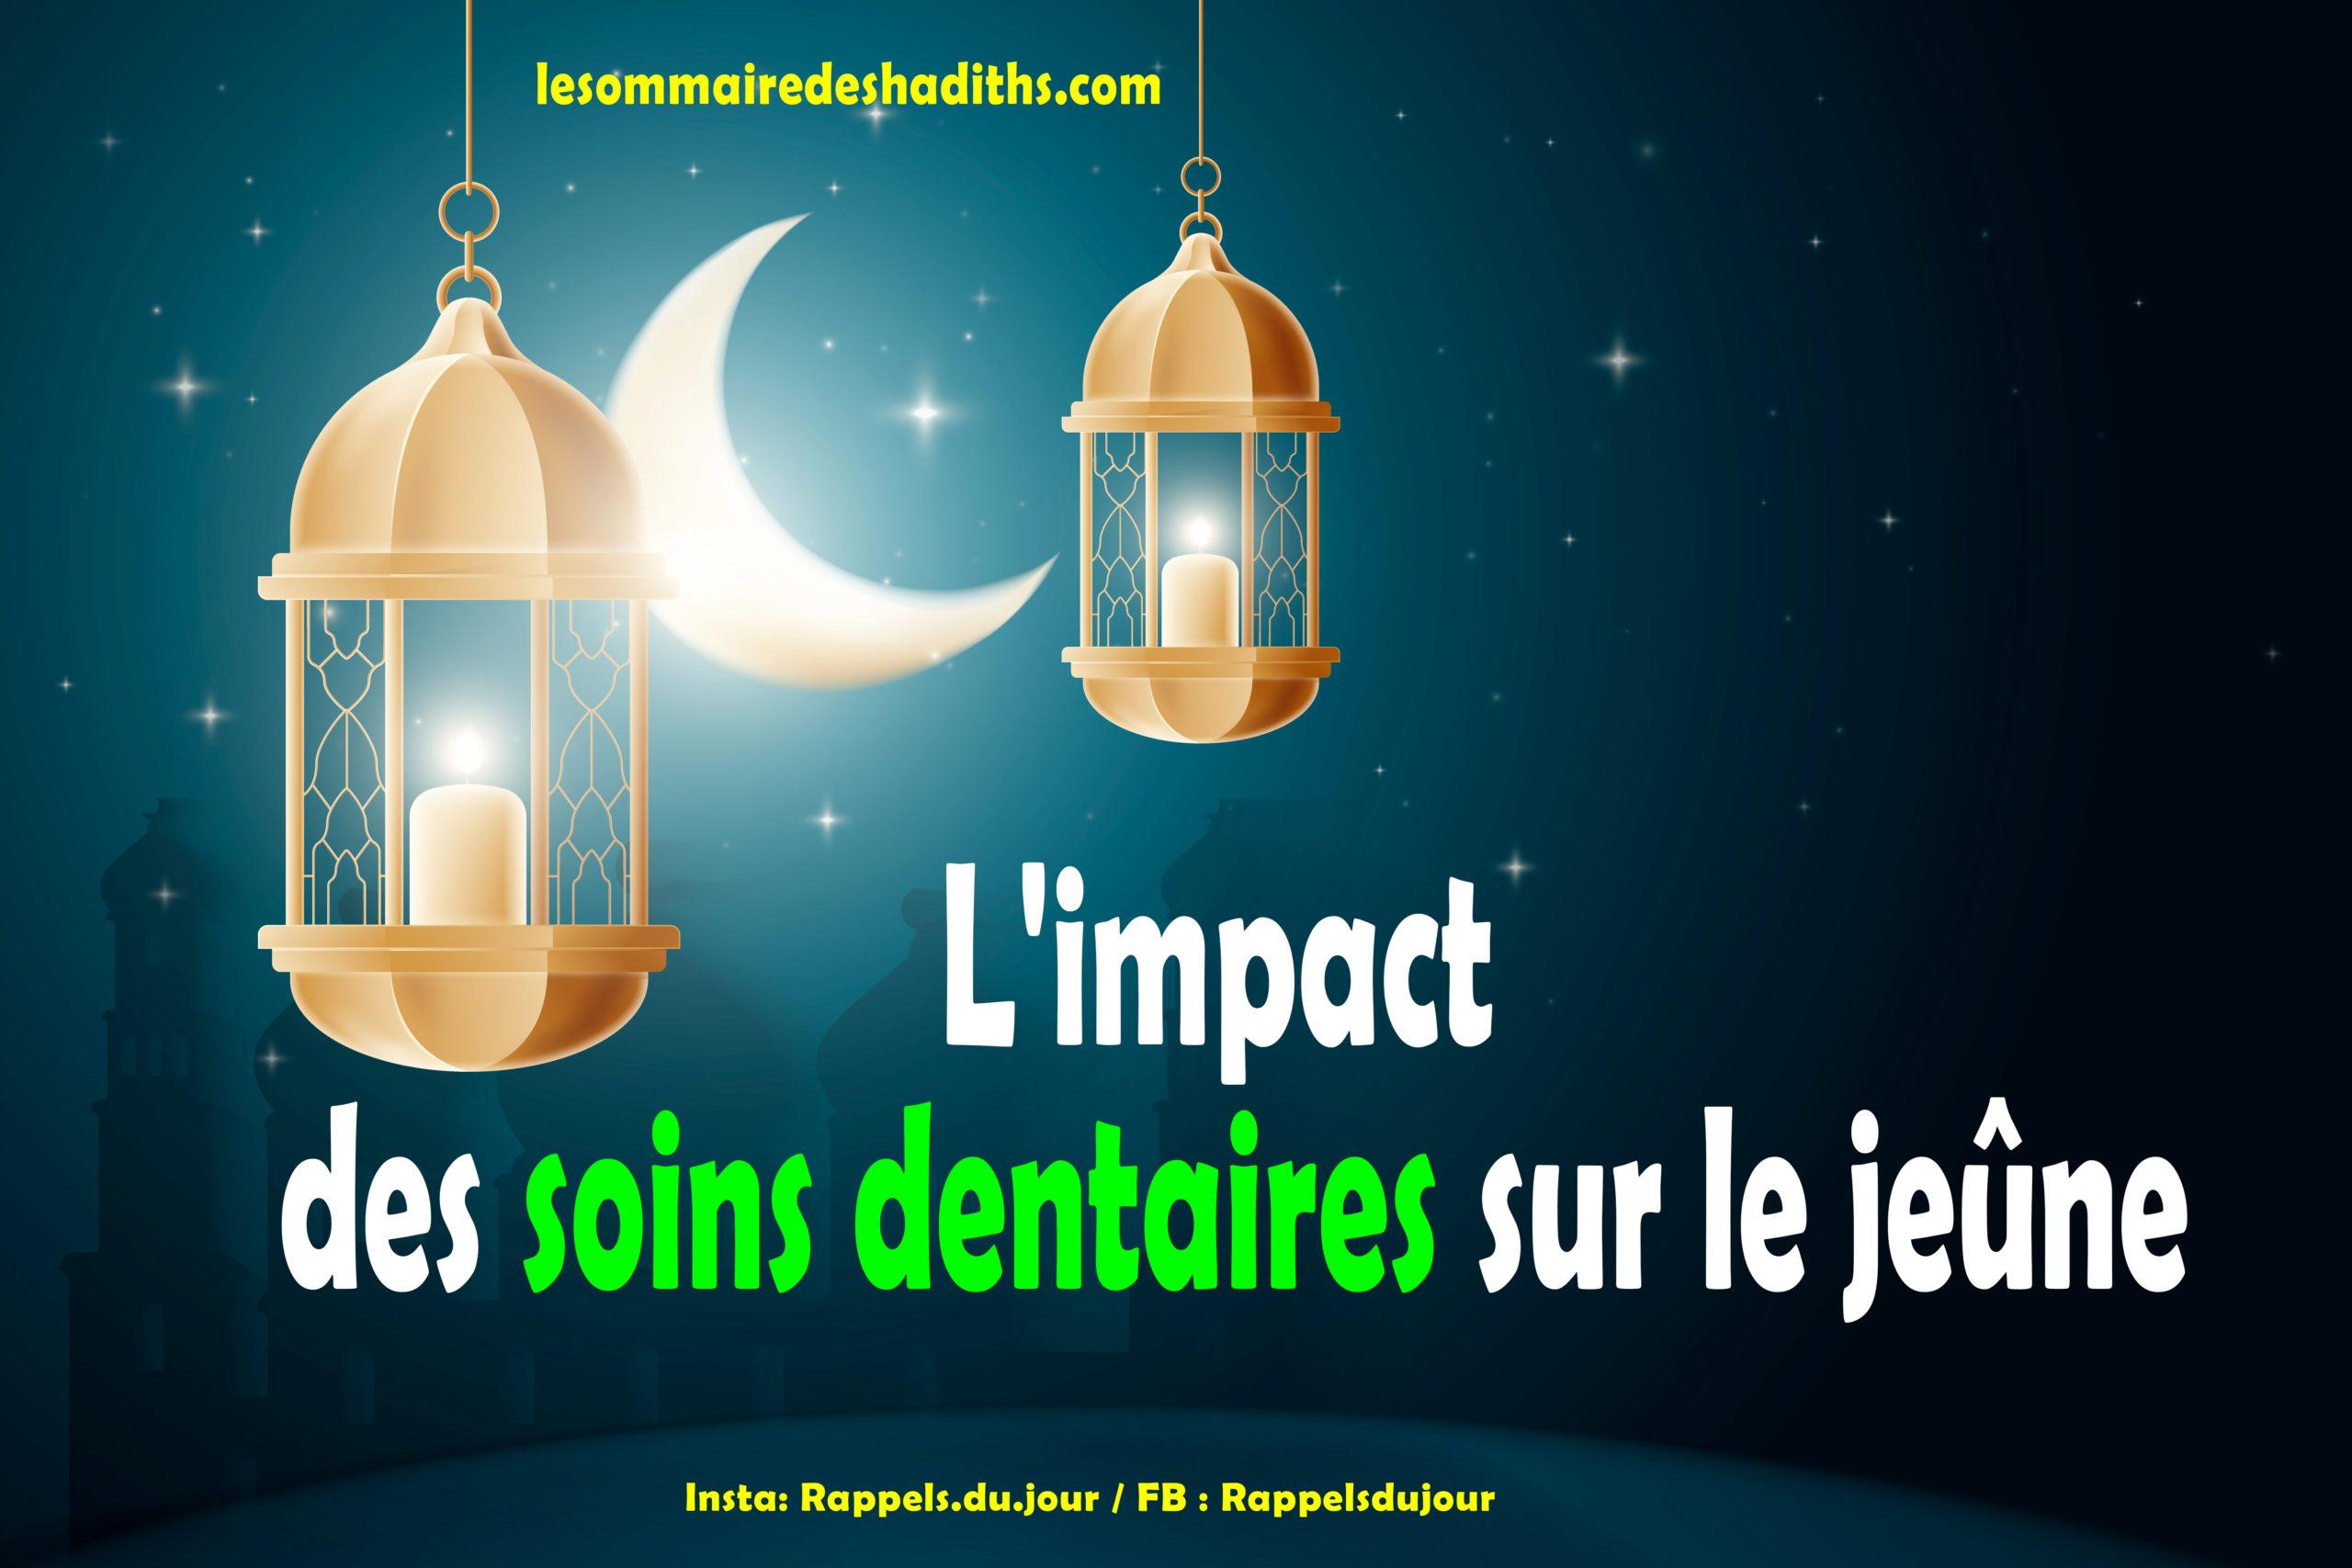 L'impact des soins dentaires